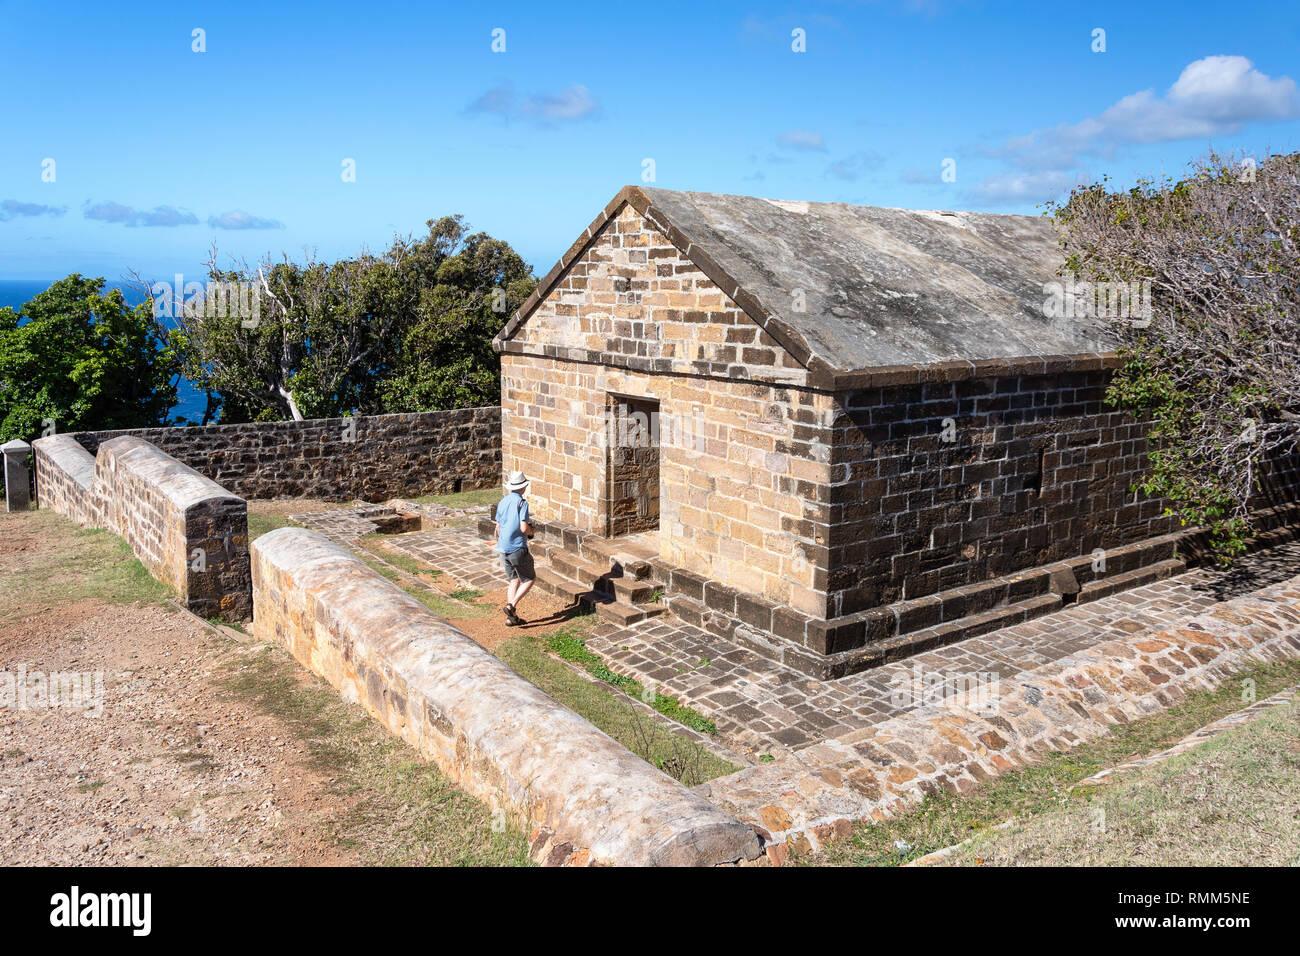 Gebäude aus Stein im Blockhaus Ruinen, die Nelsonâ ? ? s Dockyard Nationalpark, Saint Paul Pfarrei, Antigua, Antigua und Barbuda, Kleine Antillen, Karibik Stockbild